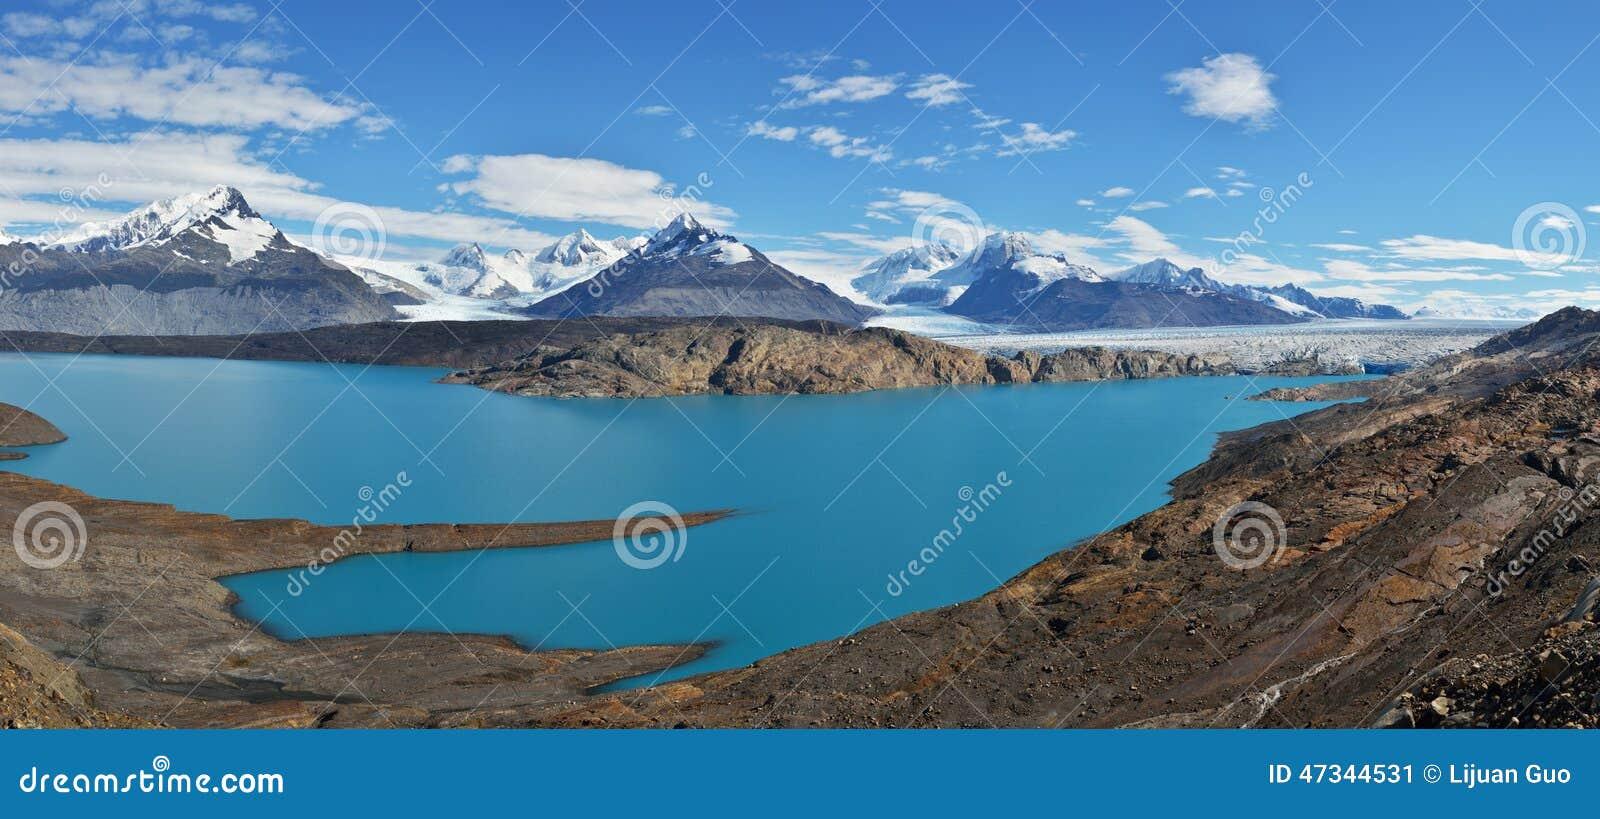 ... is a large valley glacier in Argentina's Los Glaciares National Park